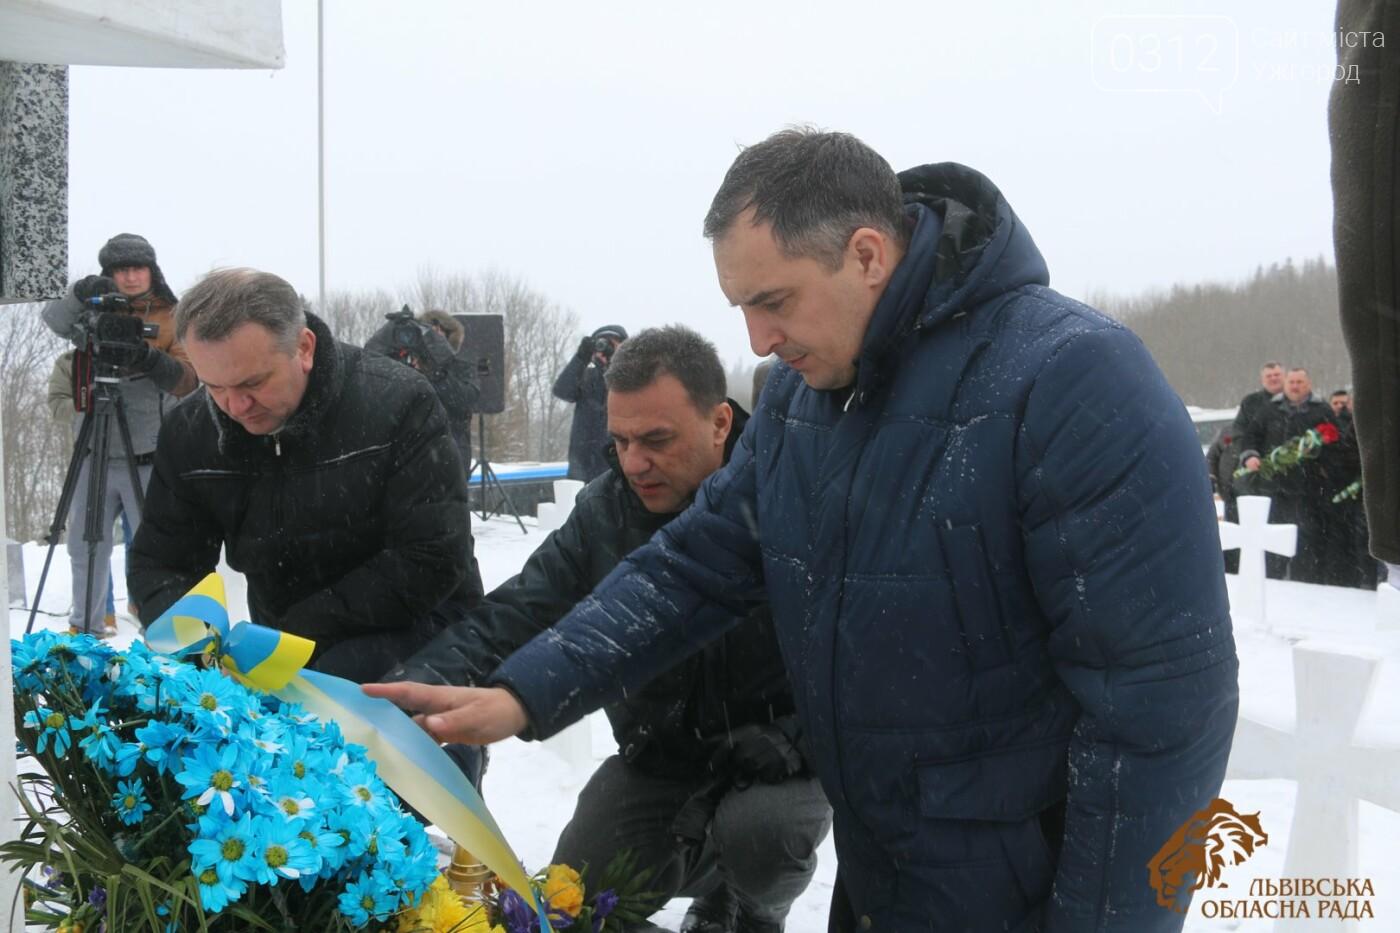 Закарпатці віддали шану полеглим січовикам Карпатської України на Верецькому перевалі (ФОТОРЕПОРТАЖ), фото-5